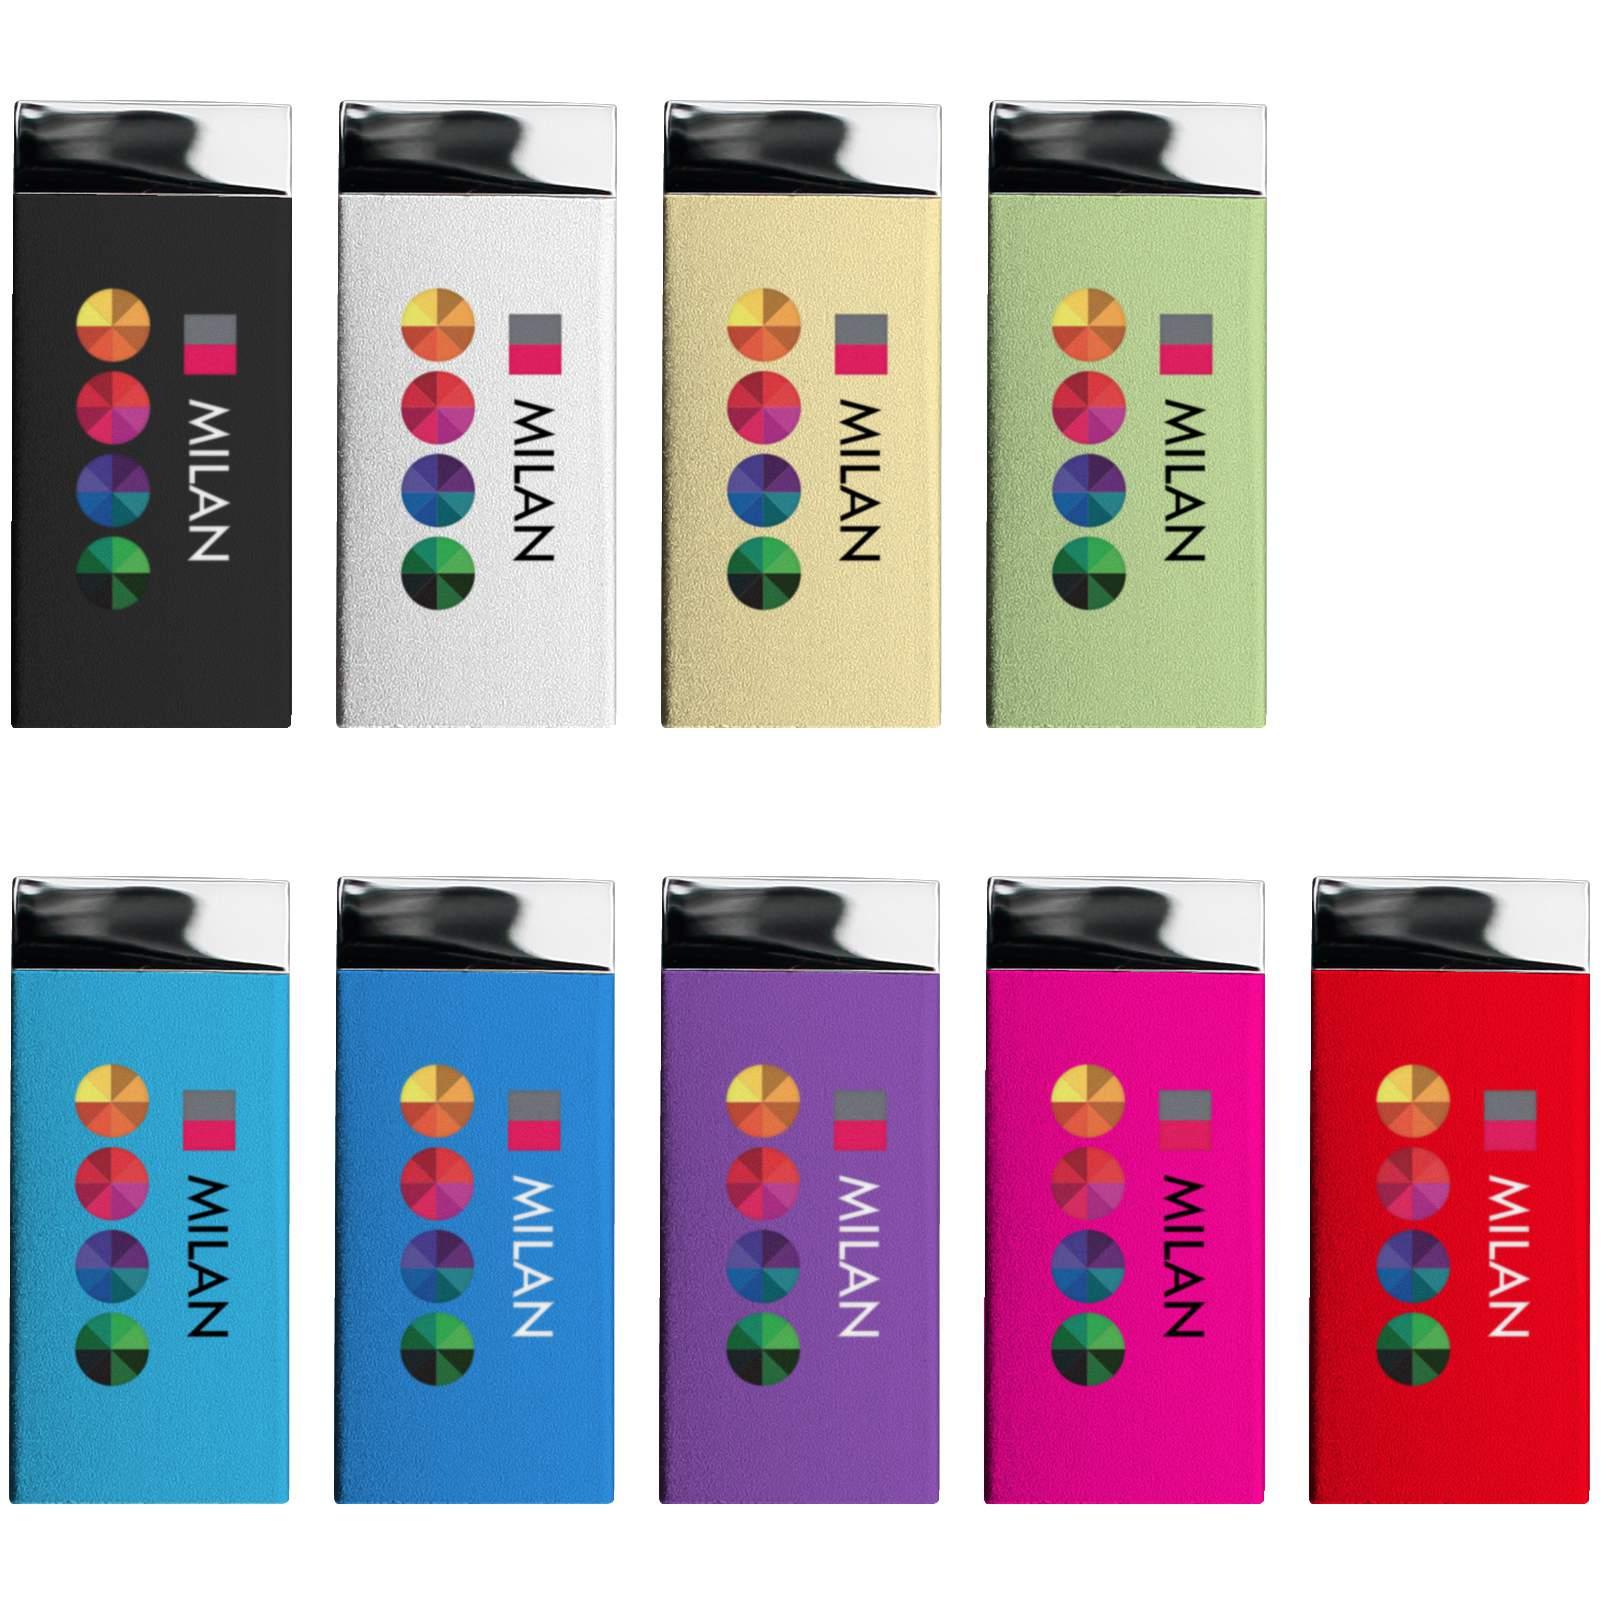 Clé USB publicitaire Milan - clé USB personnalisable